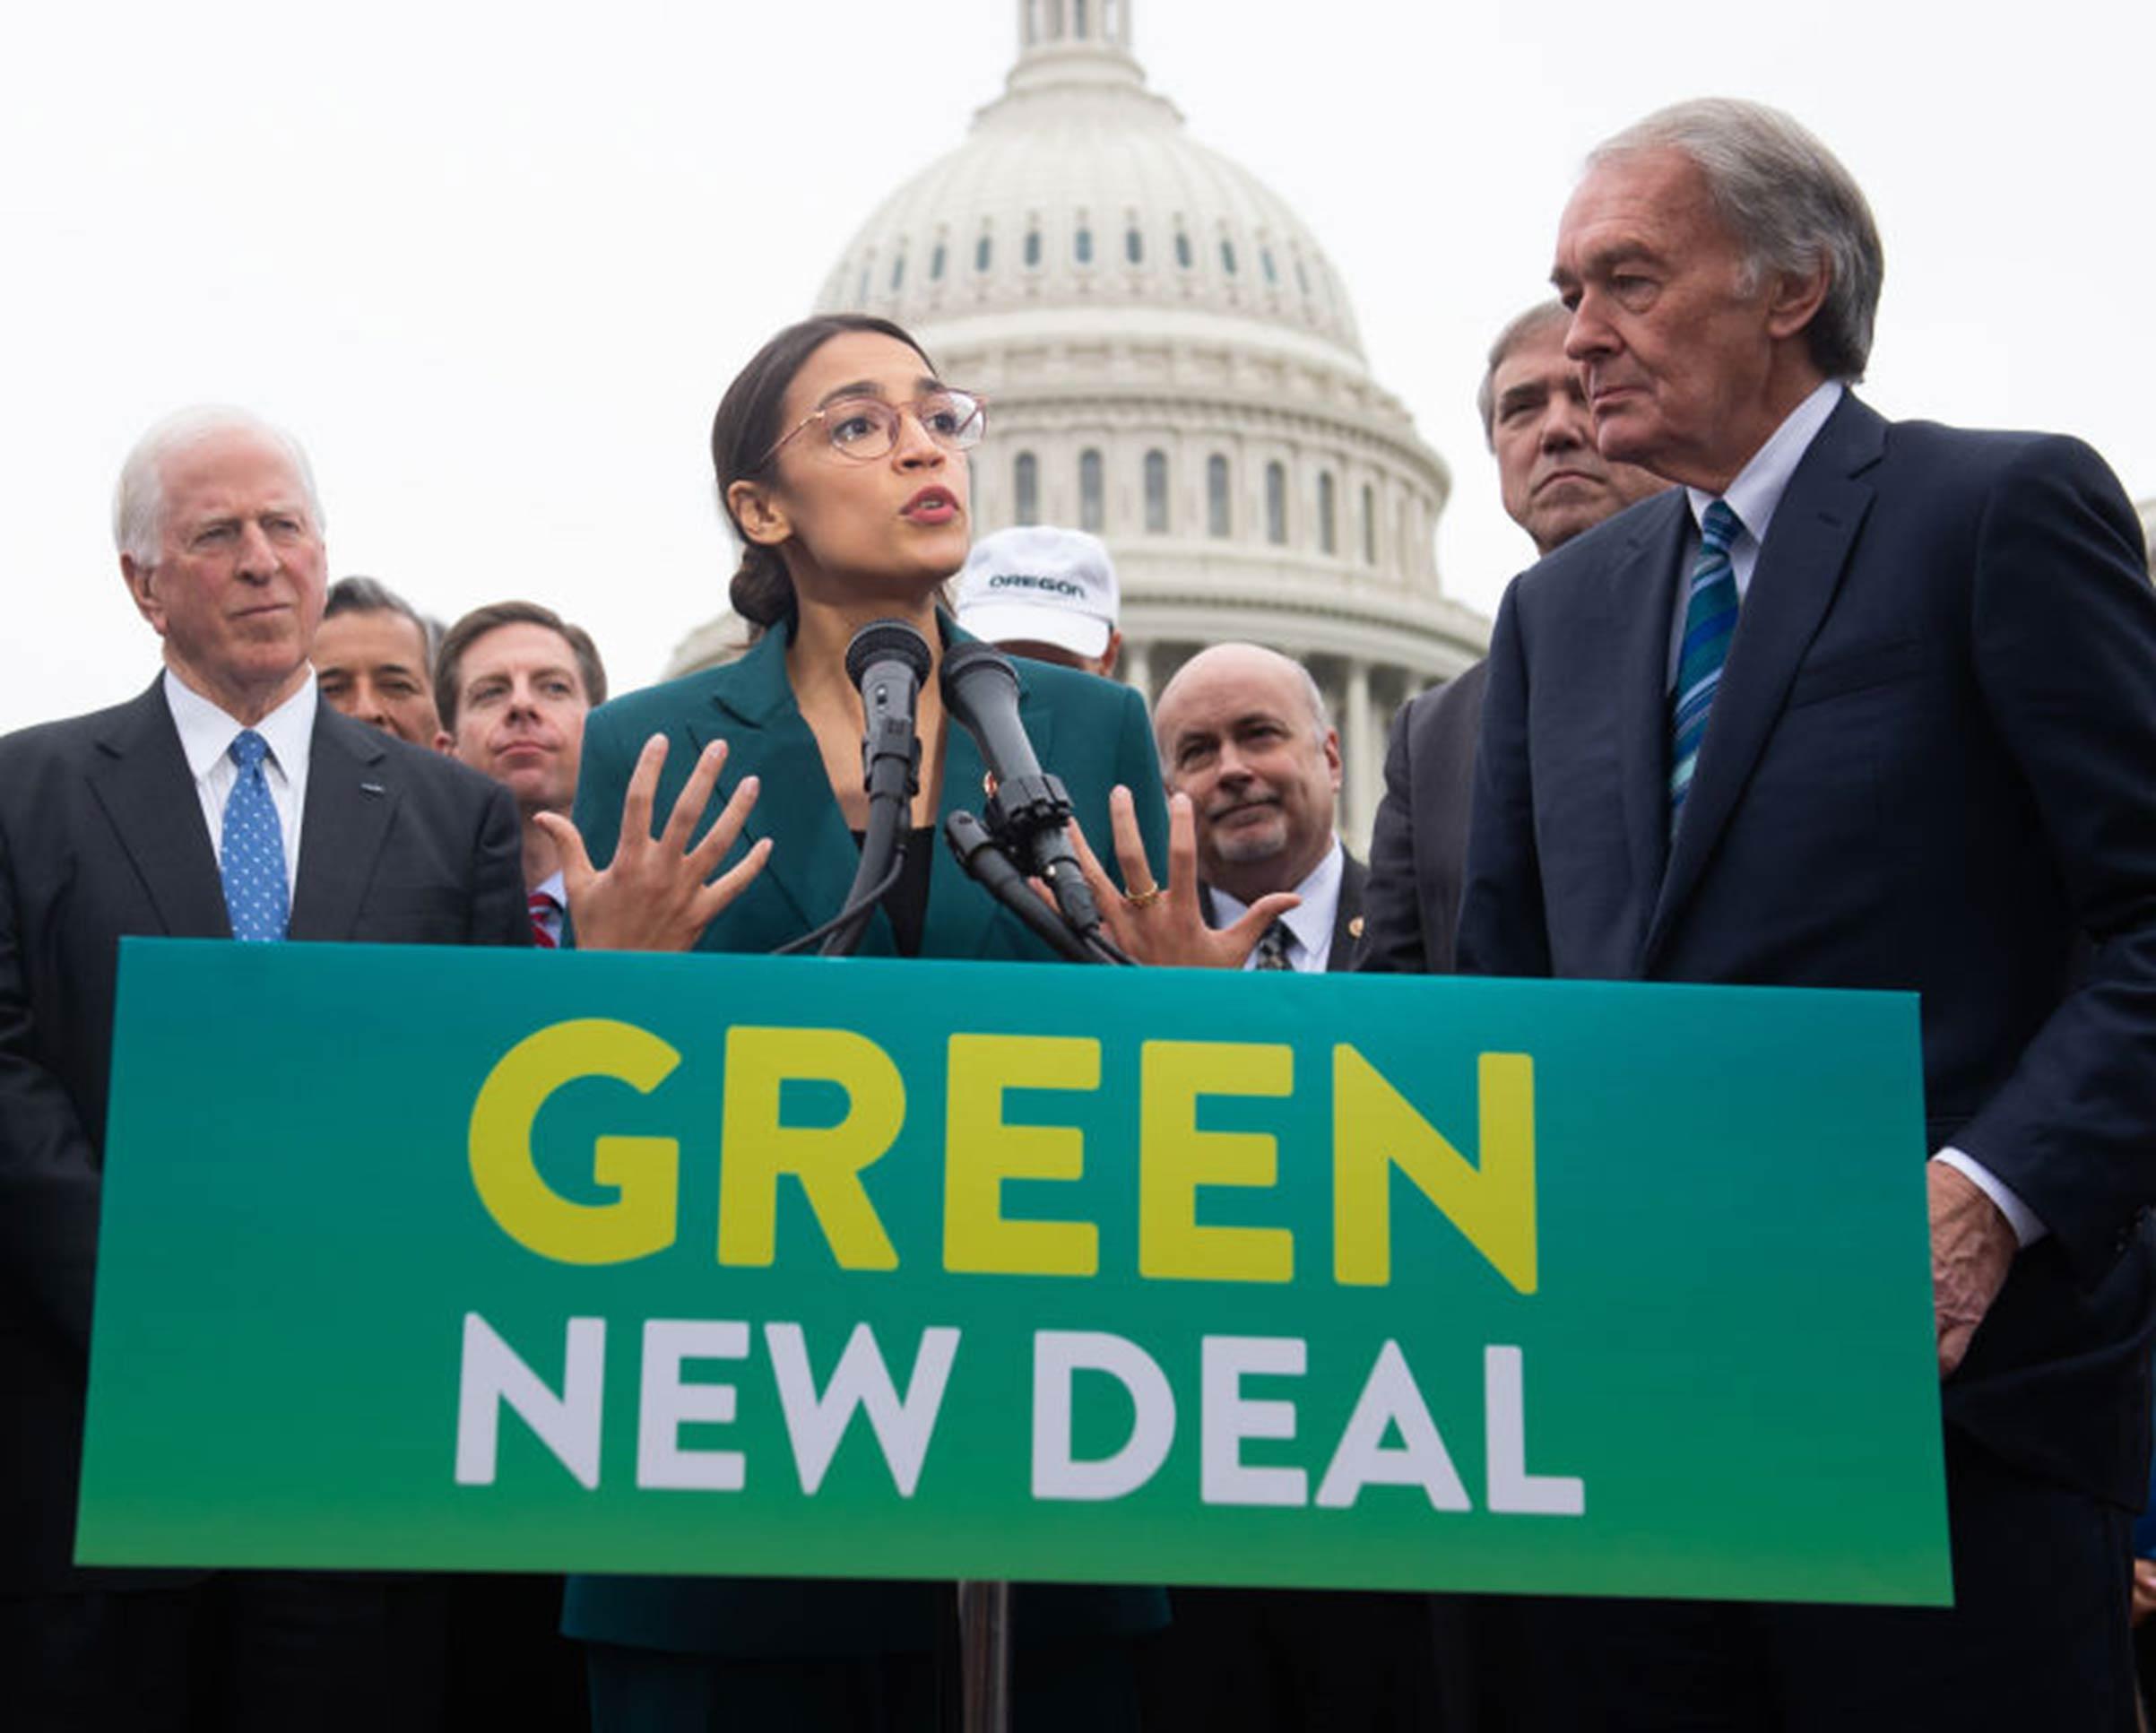 Che cos'è davvero il Green New Deal?